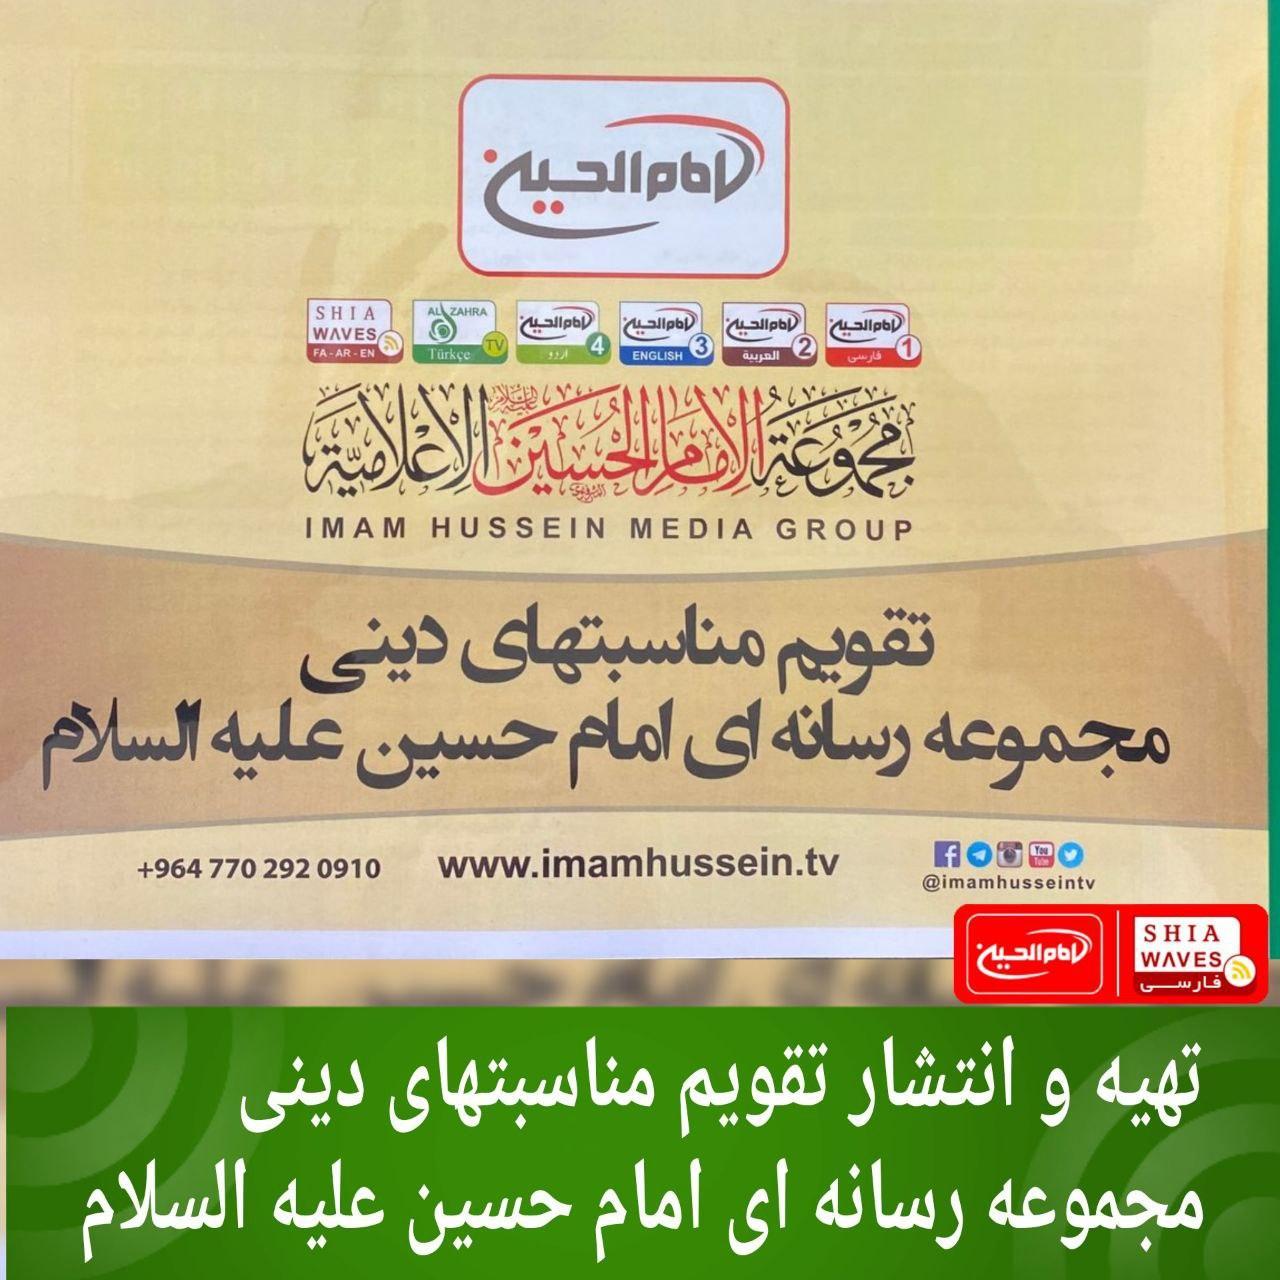 تصویر تهيه و انتشار تقویم مناسبتهای دینی مجموعه رسانه ای امام حسین علیه السلام